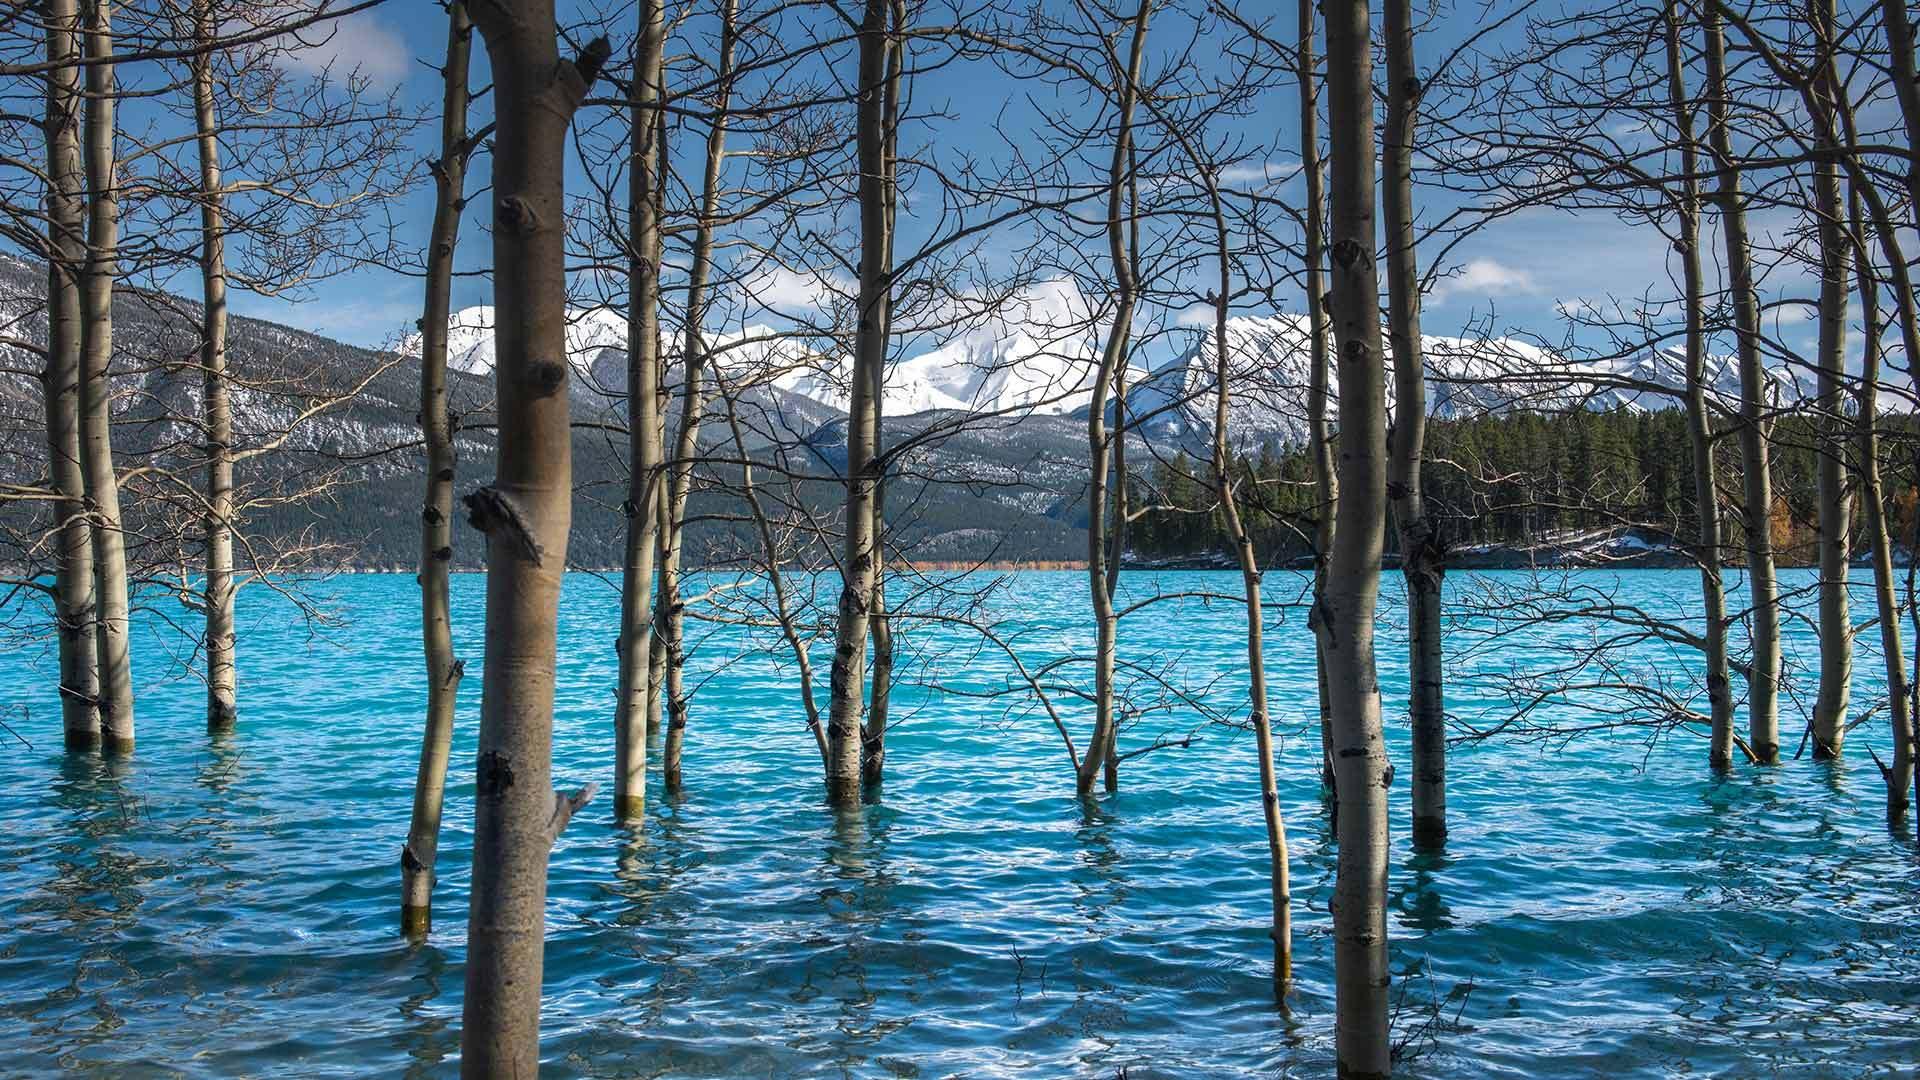 亚伯拉罕湖中的树亚伯拉罕湖